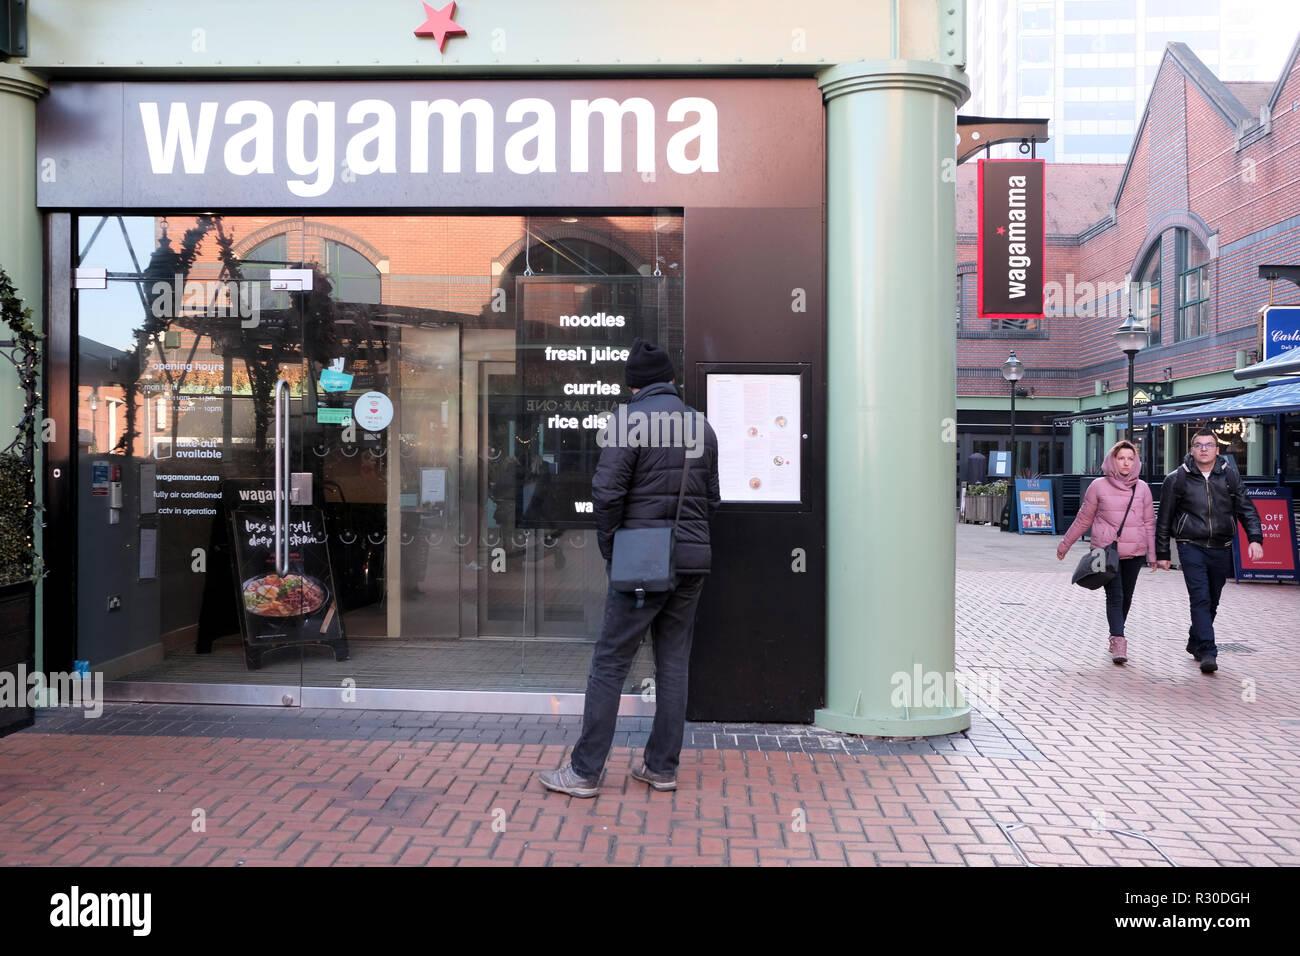 Un ristorante Wagamama anteriore che mostra chiaramente il ristorante distintivo delle catene di marca. Un potenziale cliente si erge al di fuori di studiare il menu Immagini Stock